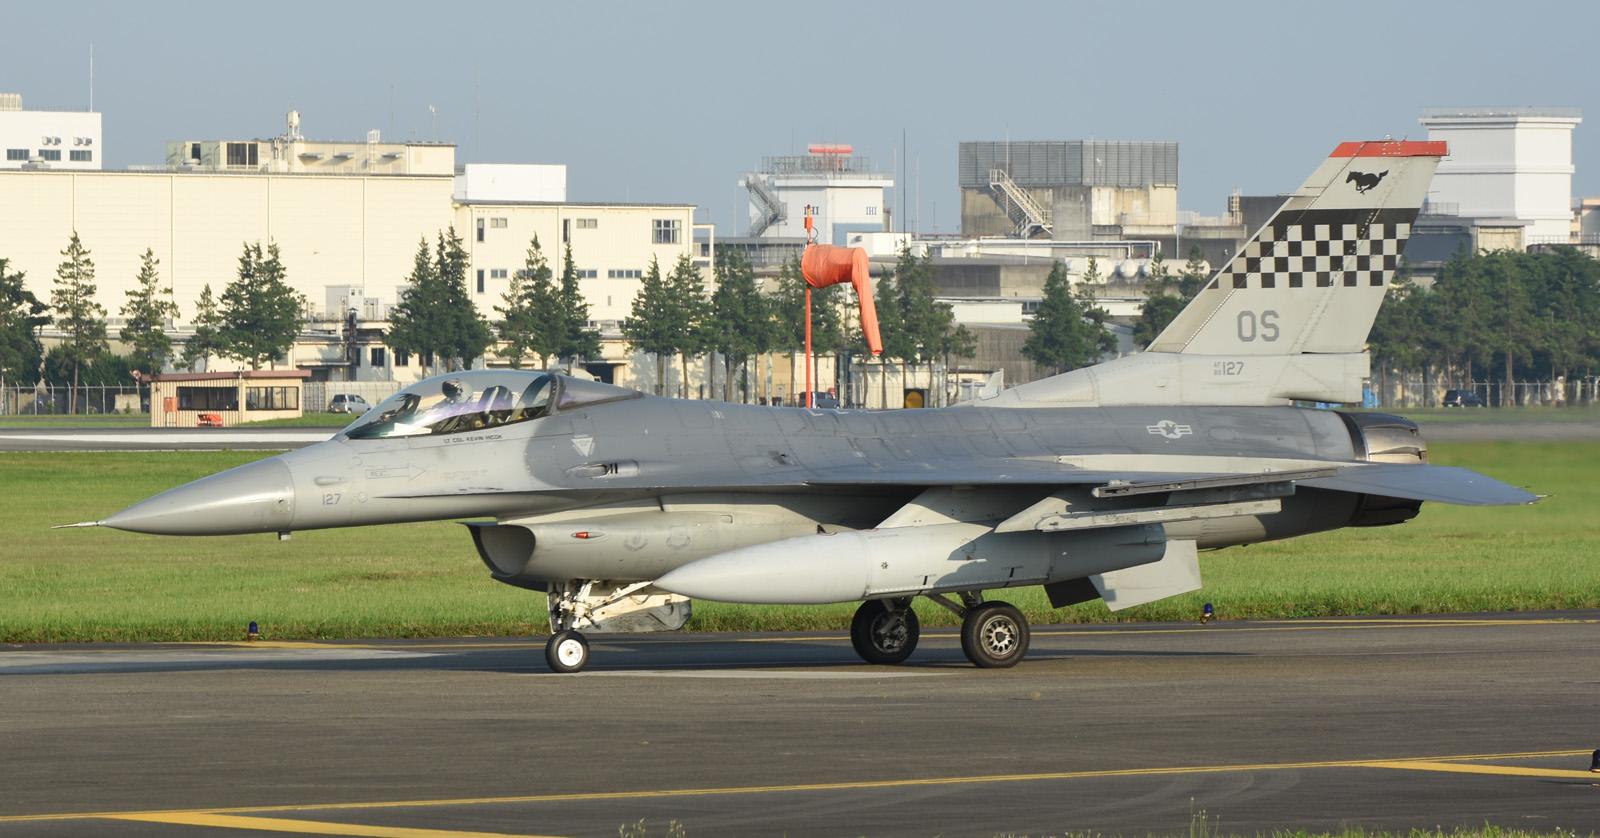 F16cm160706g142